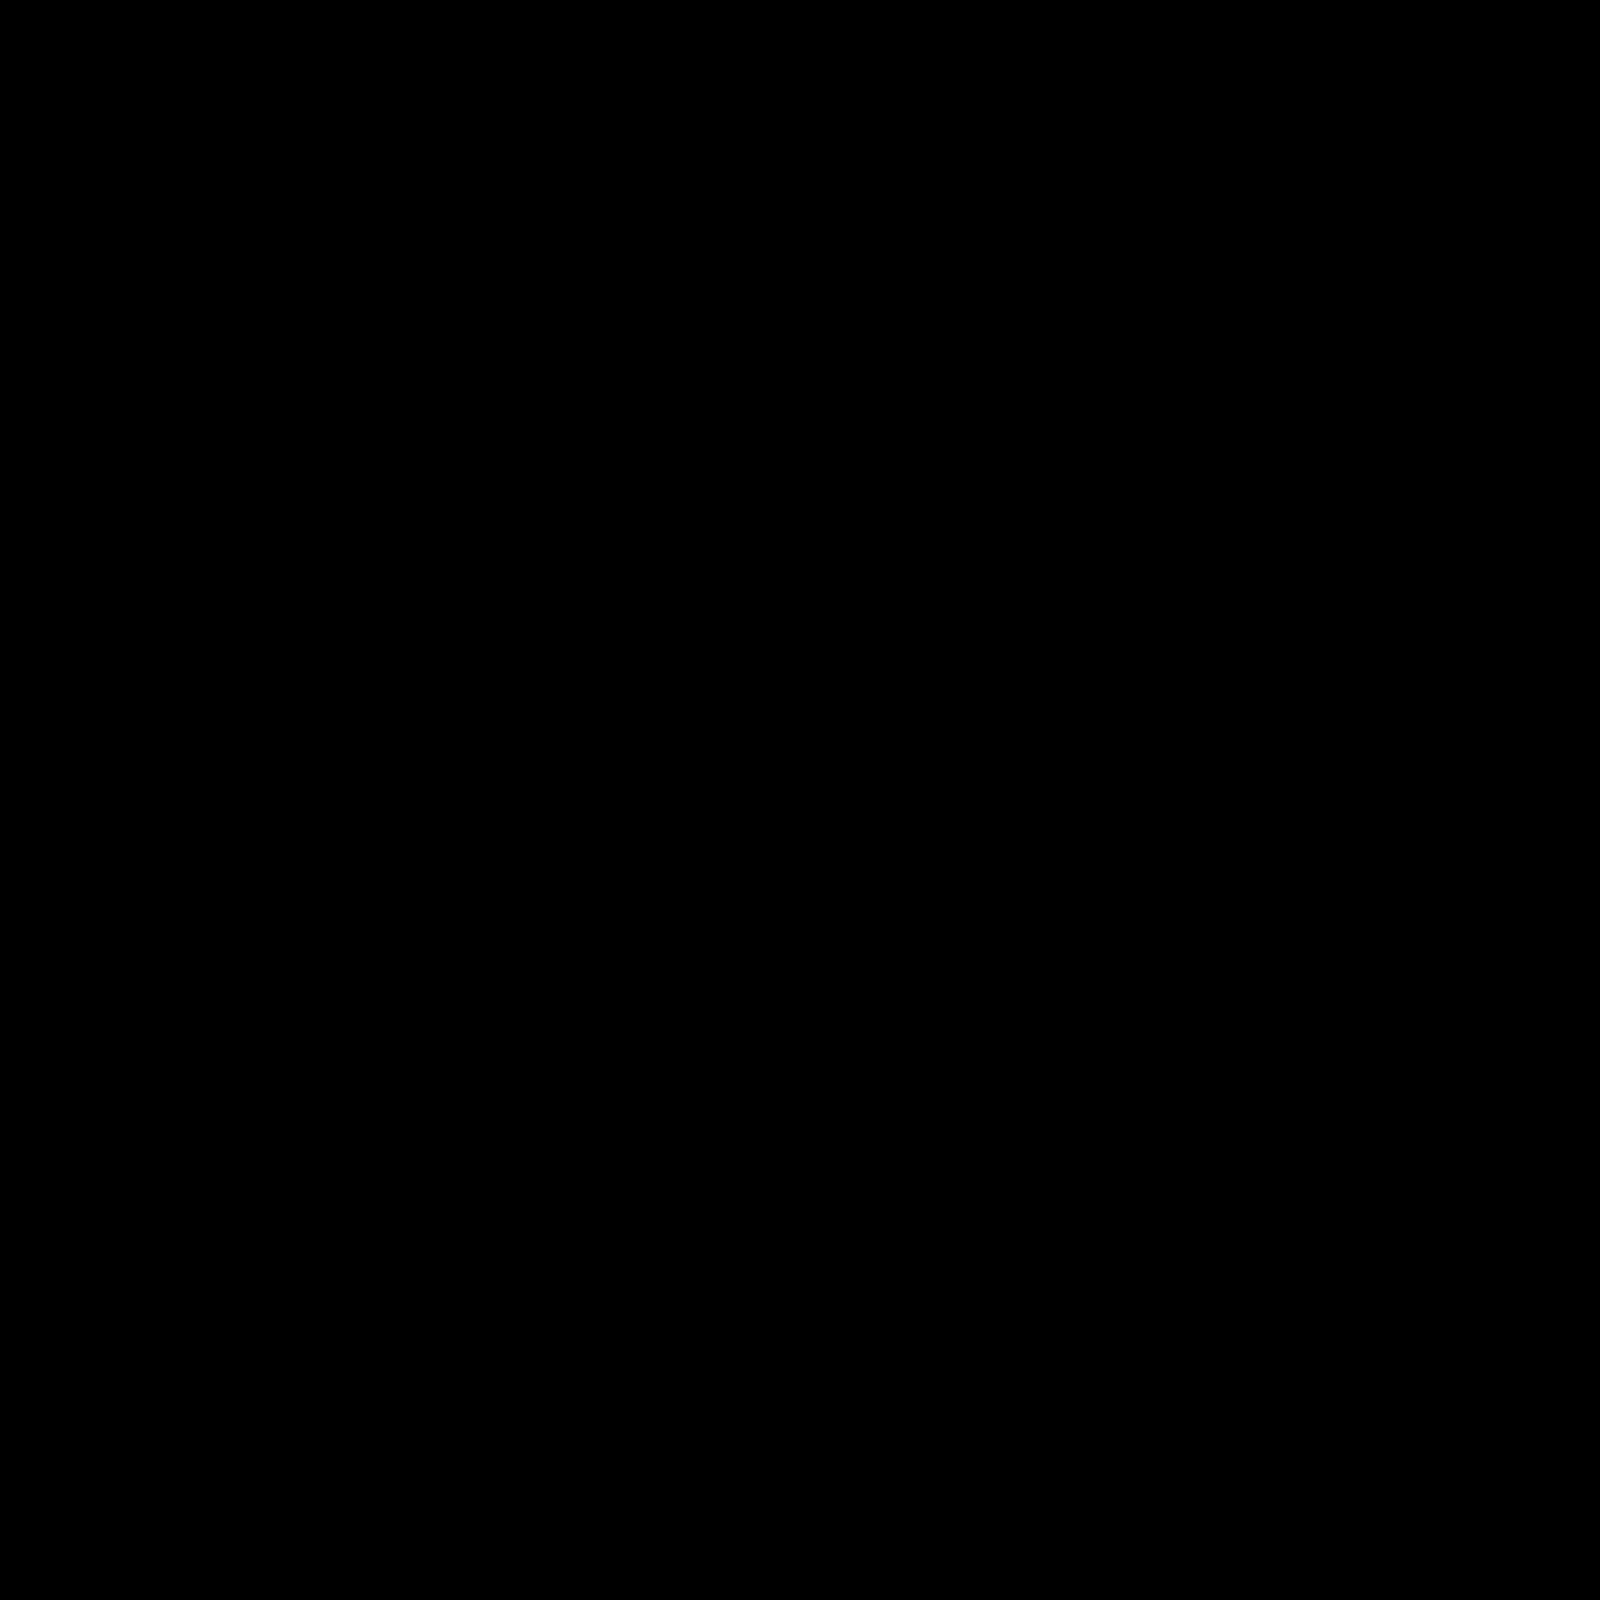 Semicolon icon